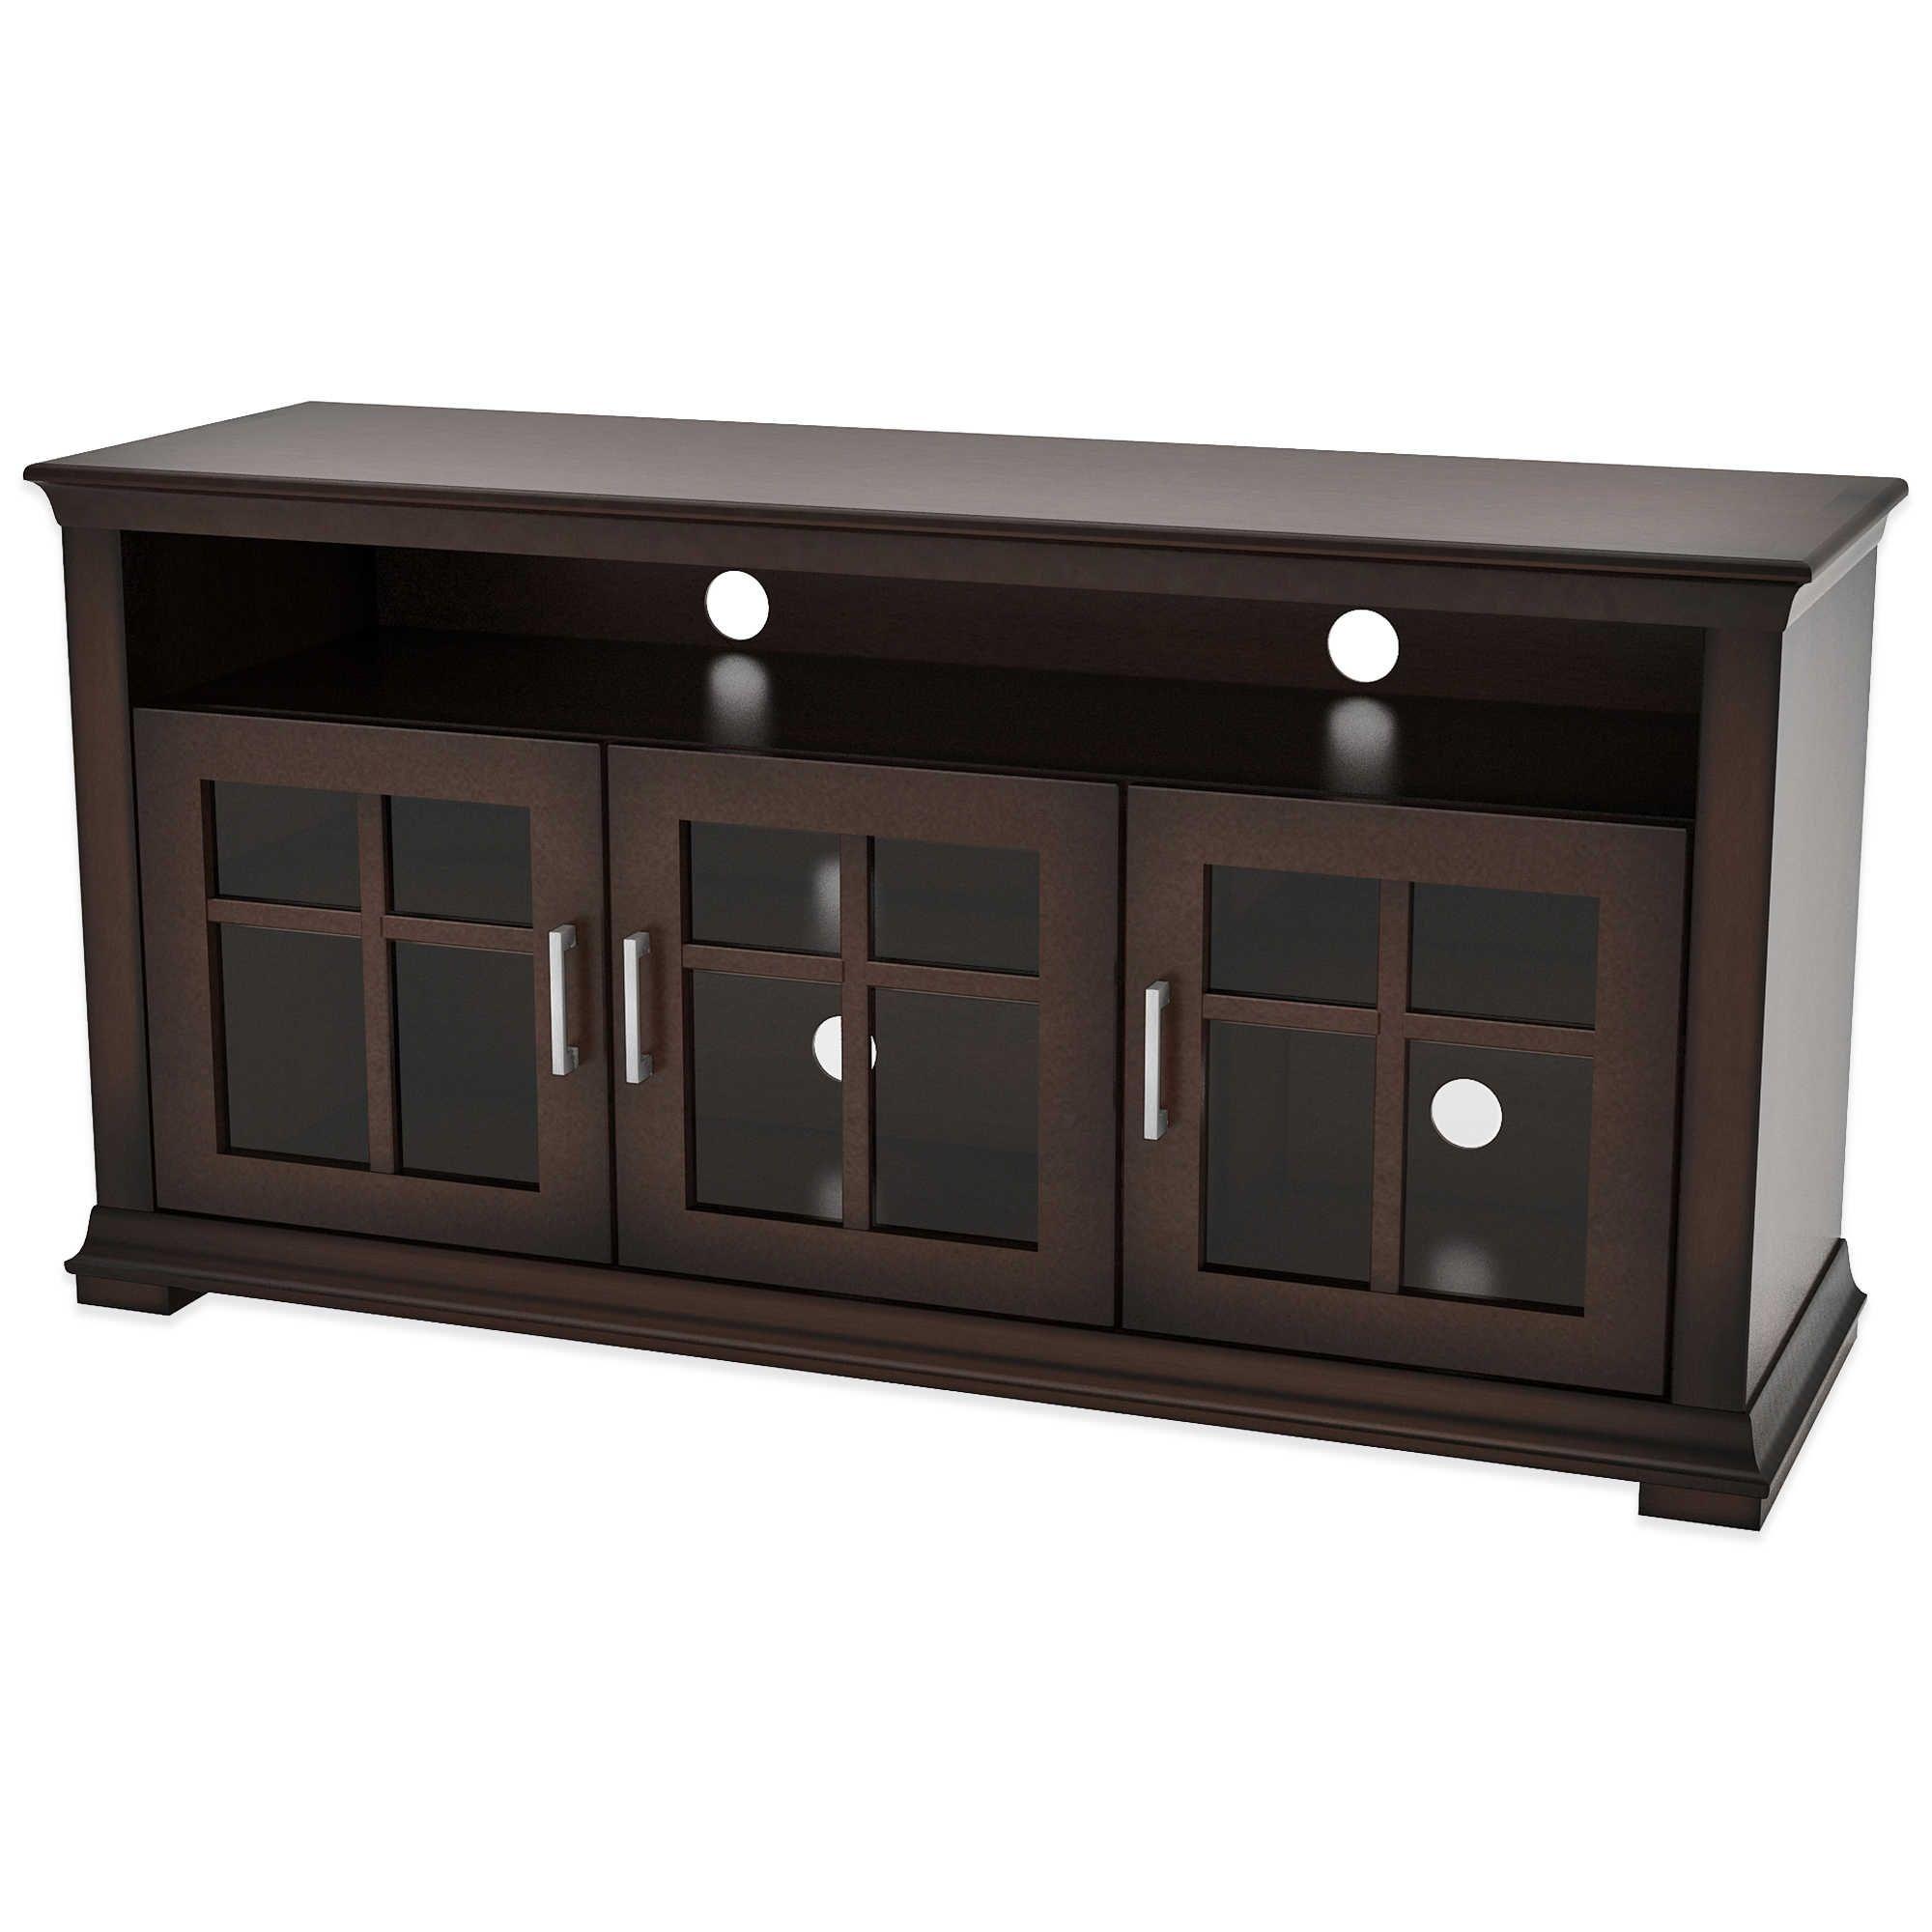 Dark Wood Tv Cabinet With Glass Doors